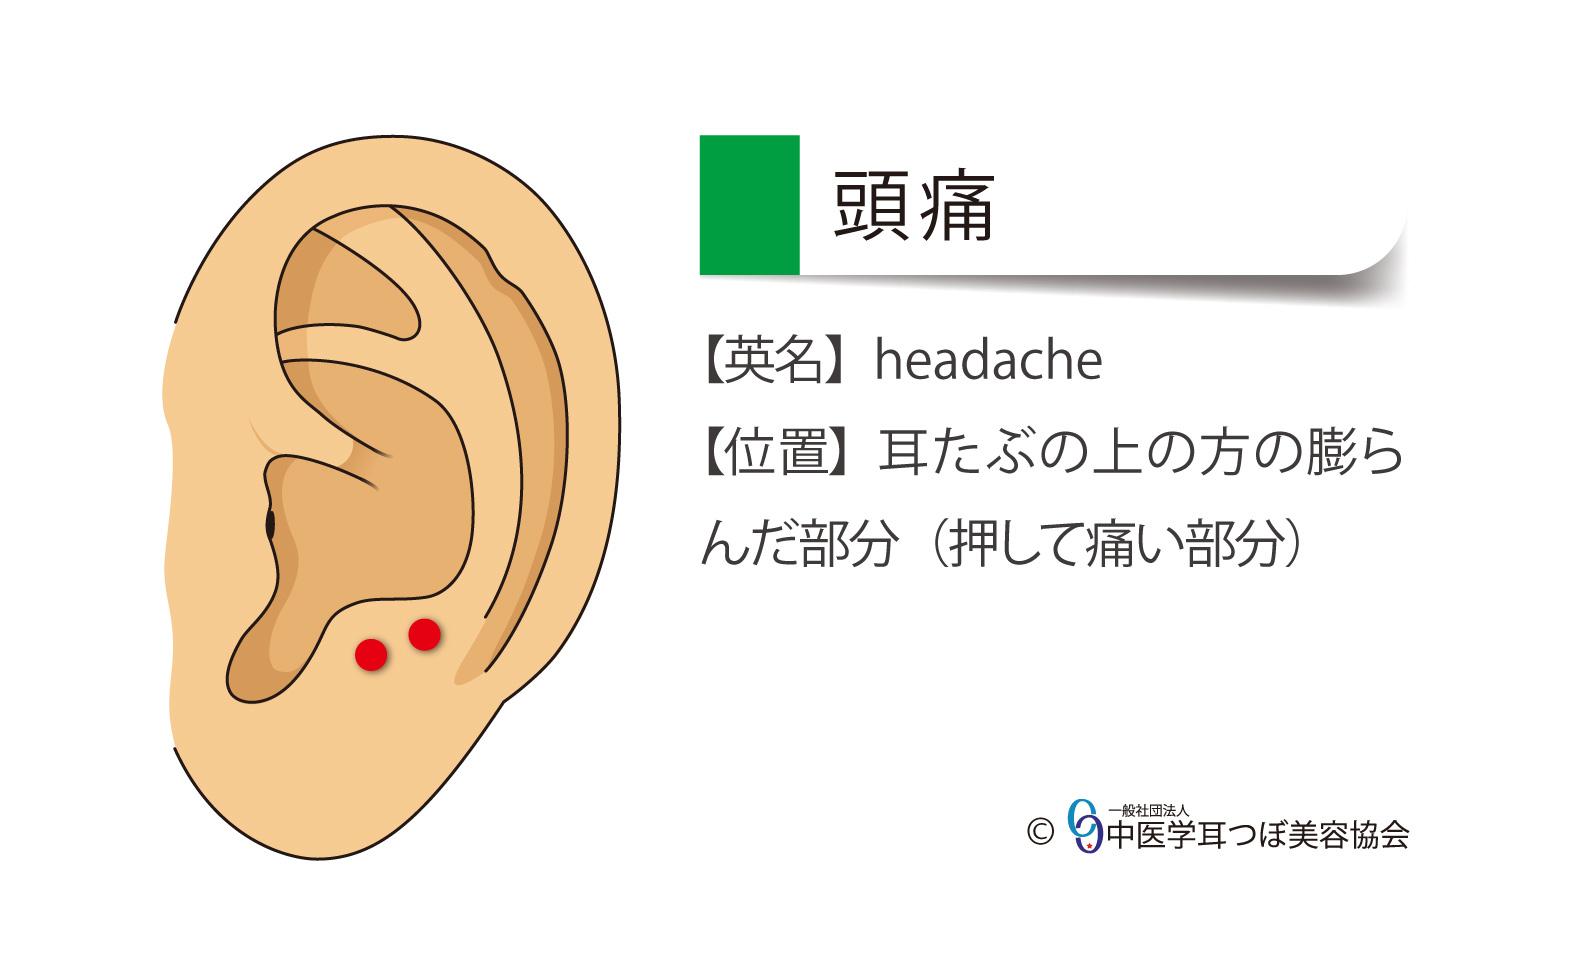 頭痛、headache